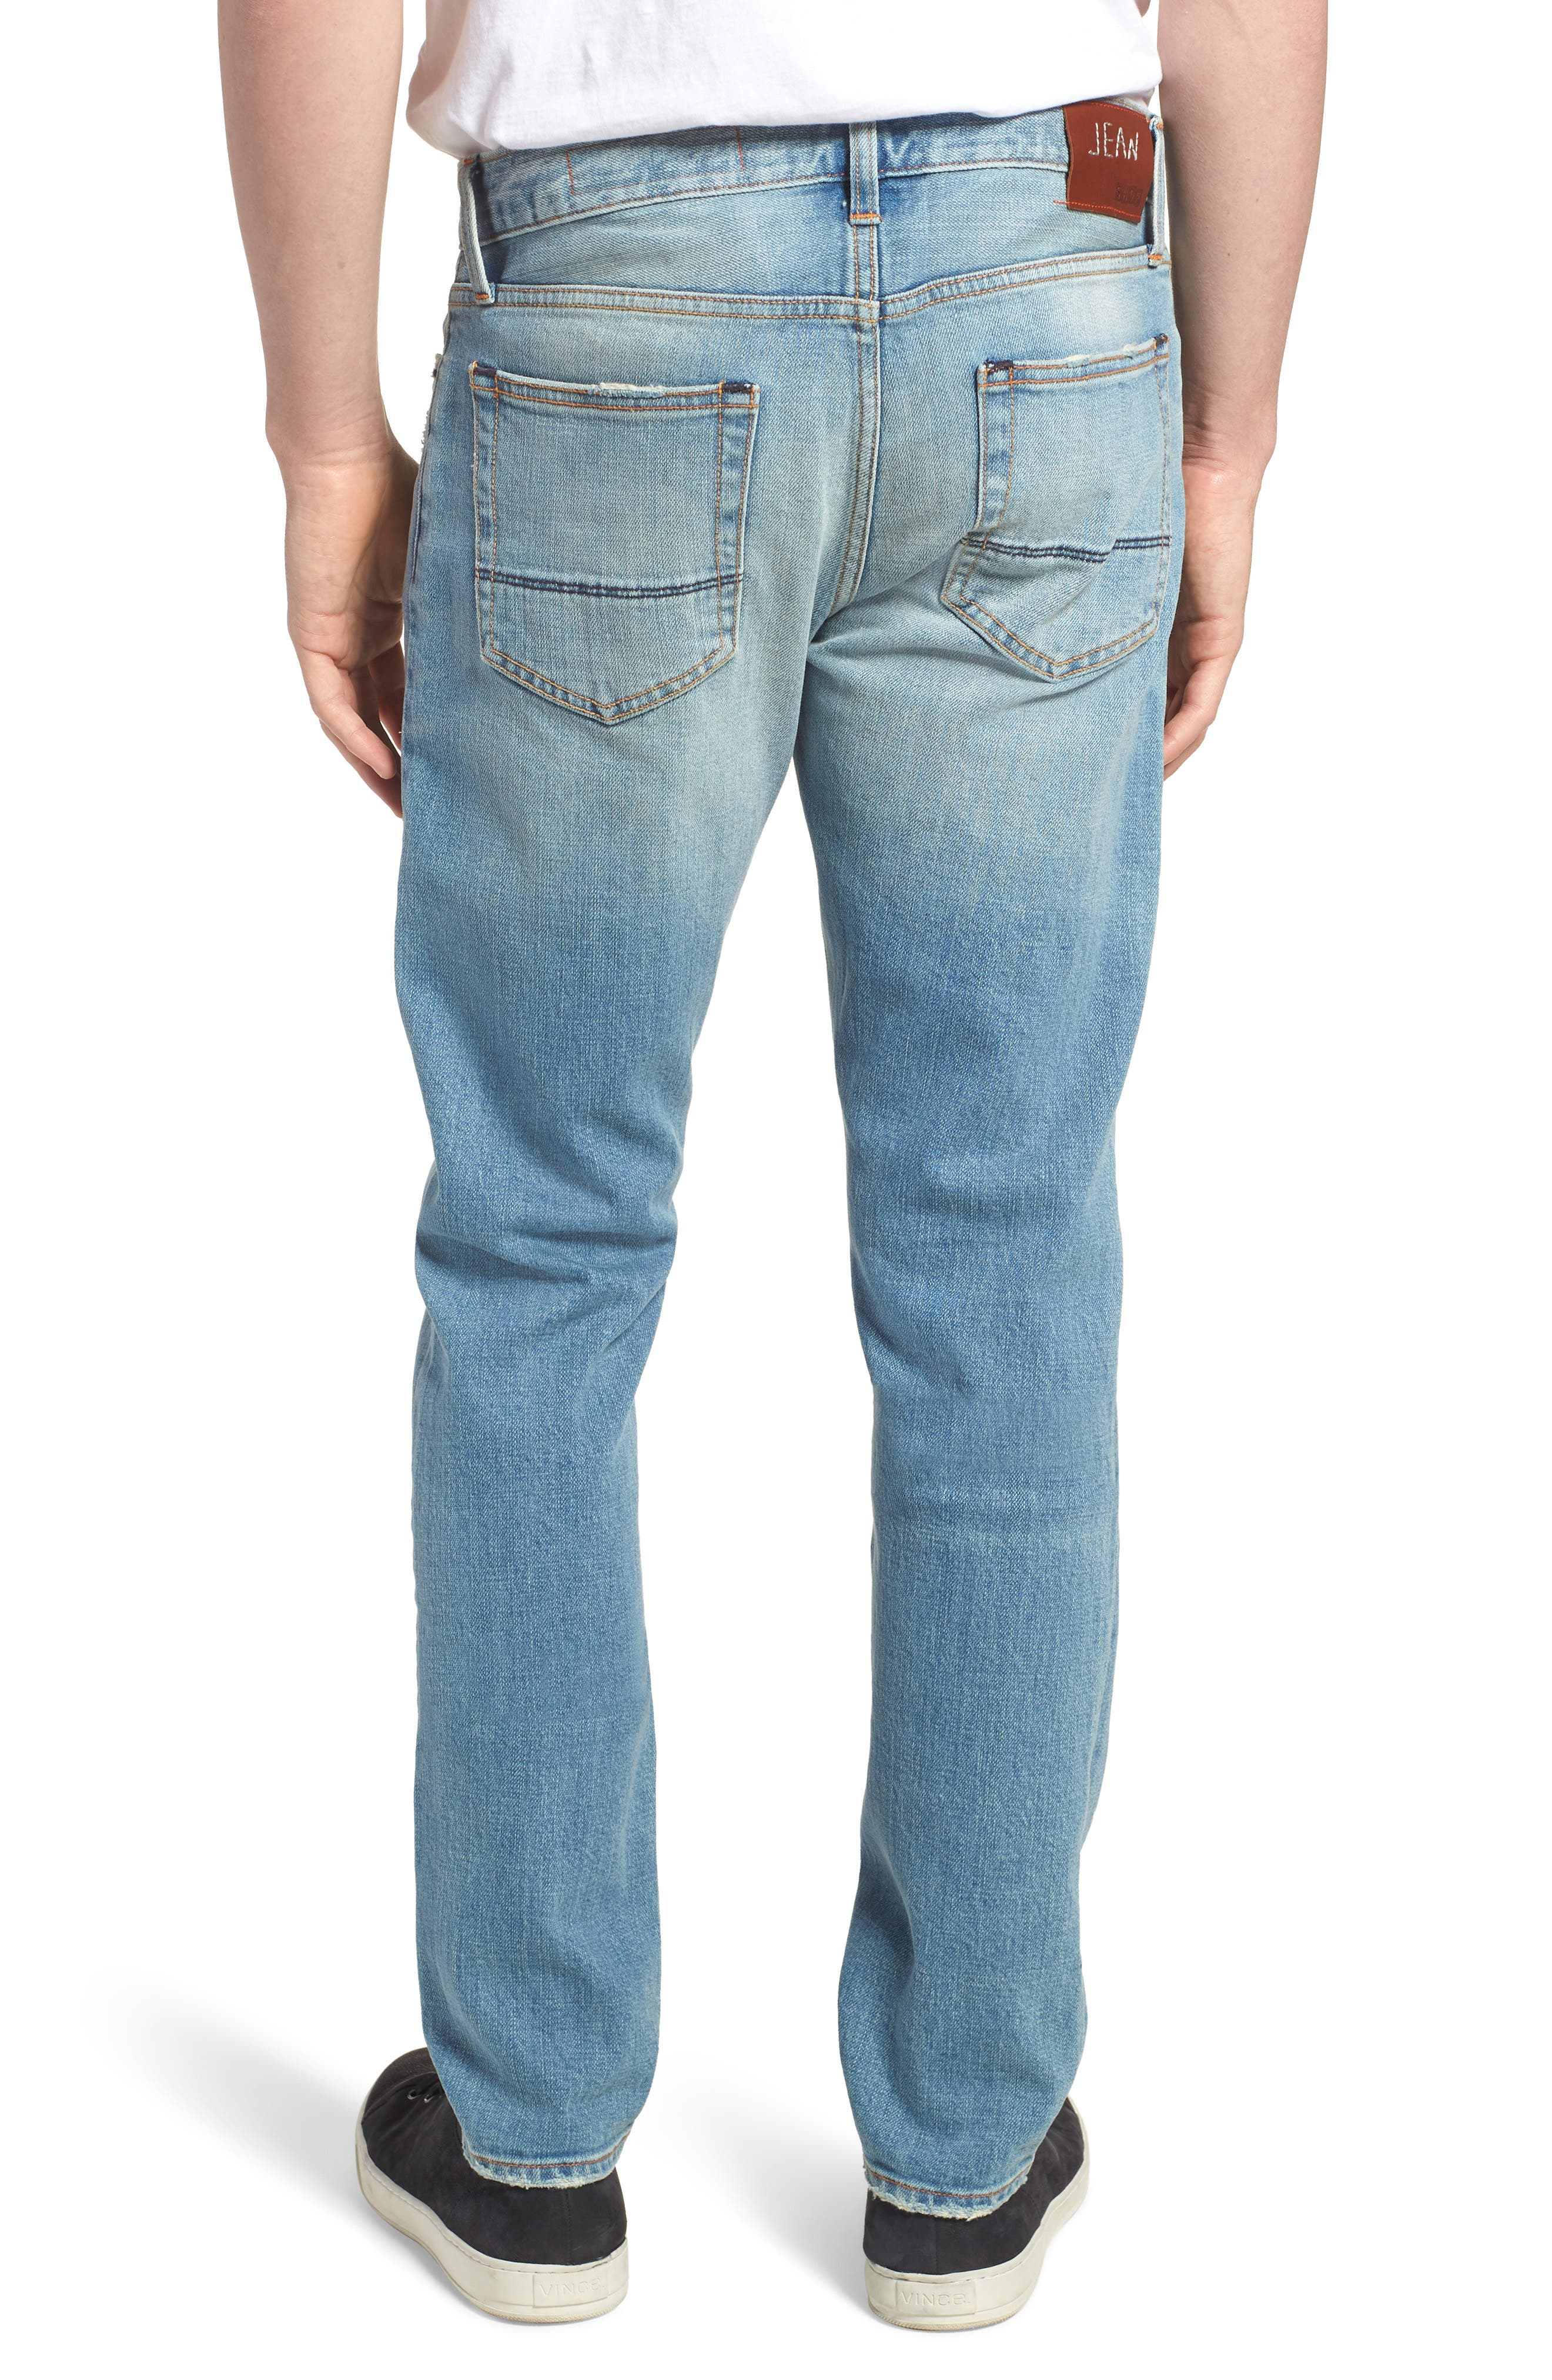 Jim Slim Fit Jeans,                             Alternate thumbnail 2, color,                             HOLLIS